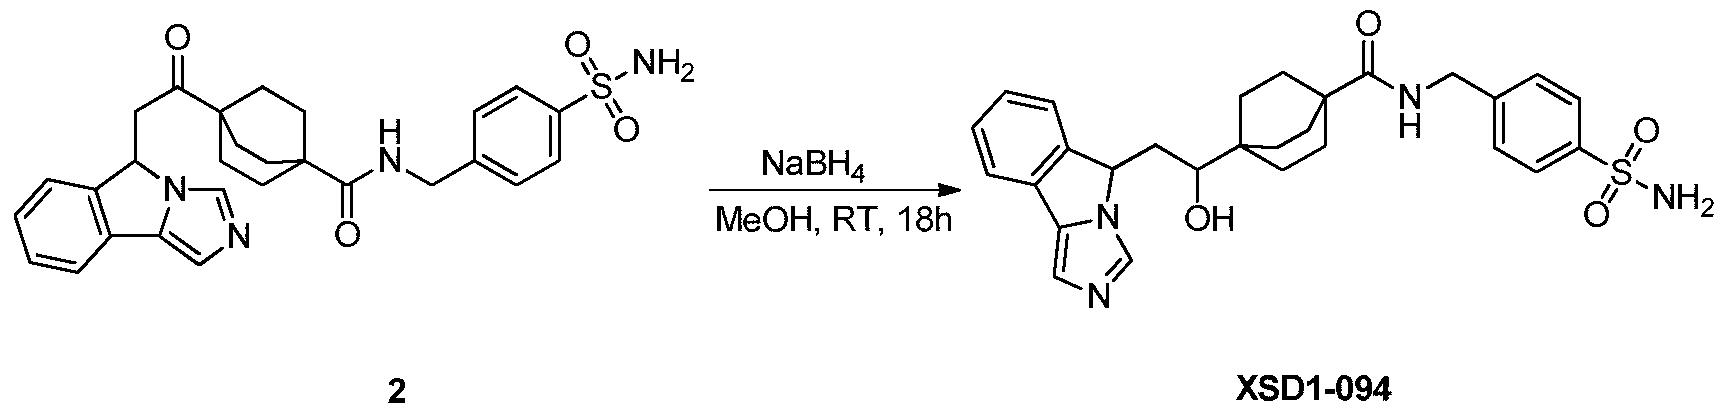 Figure PCTCN2017084604-appb-000144